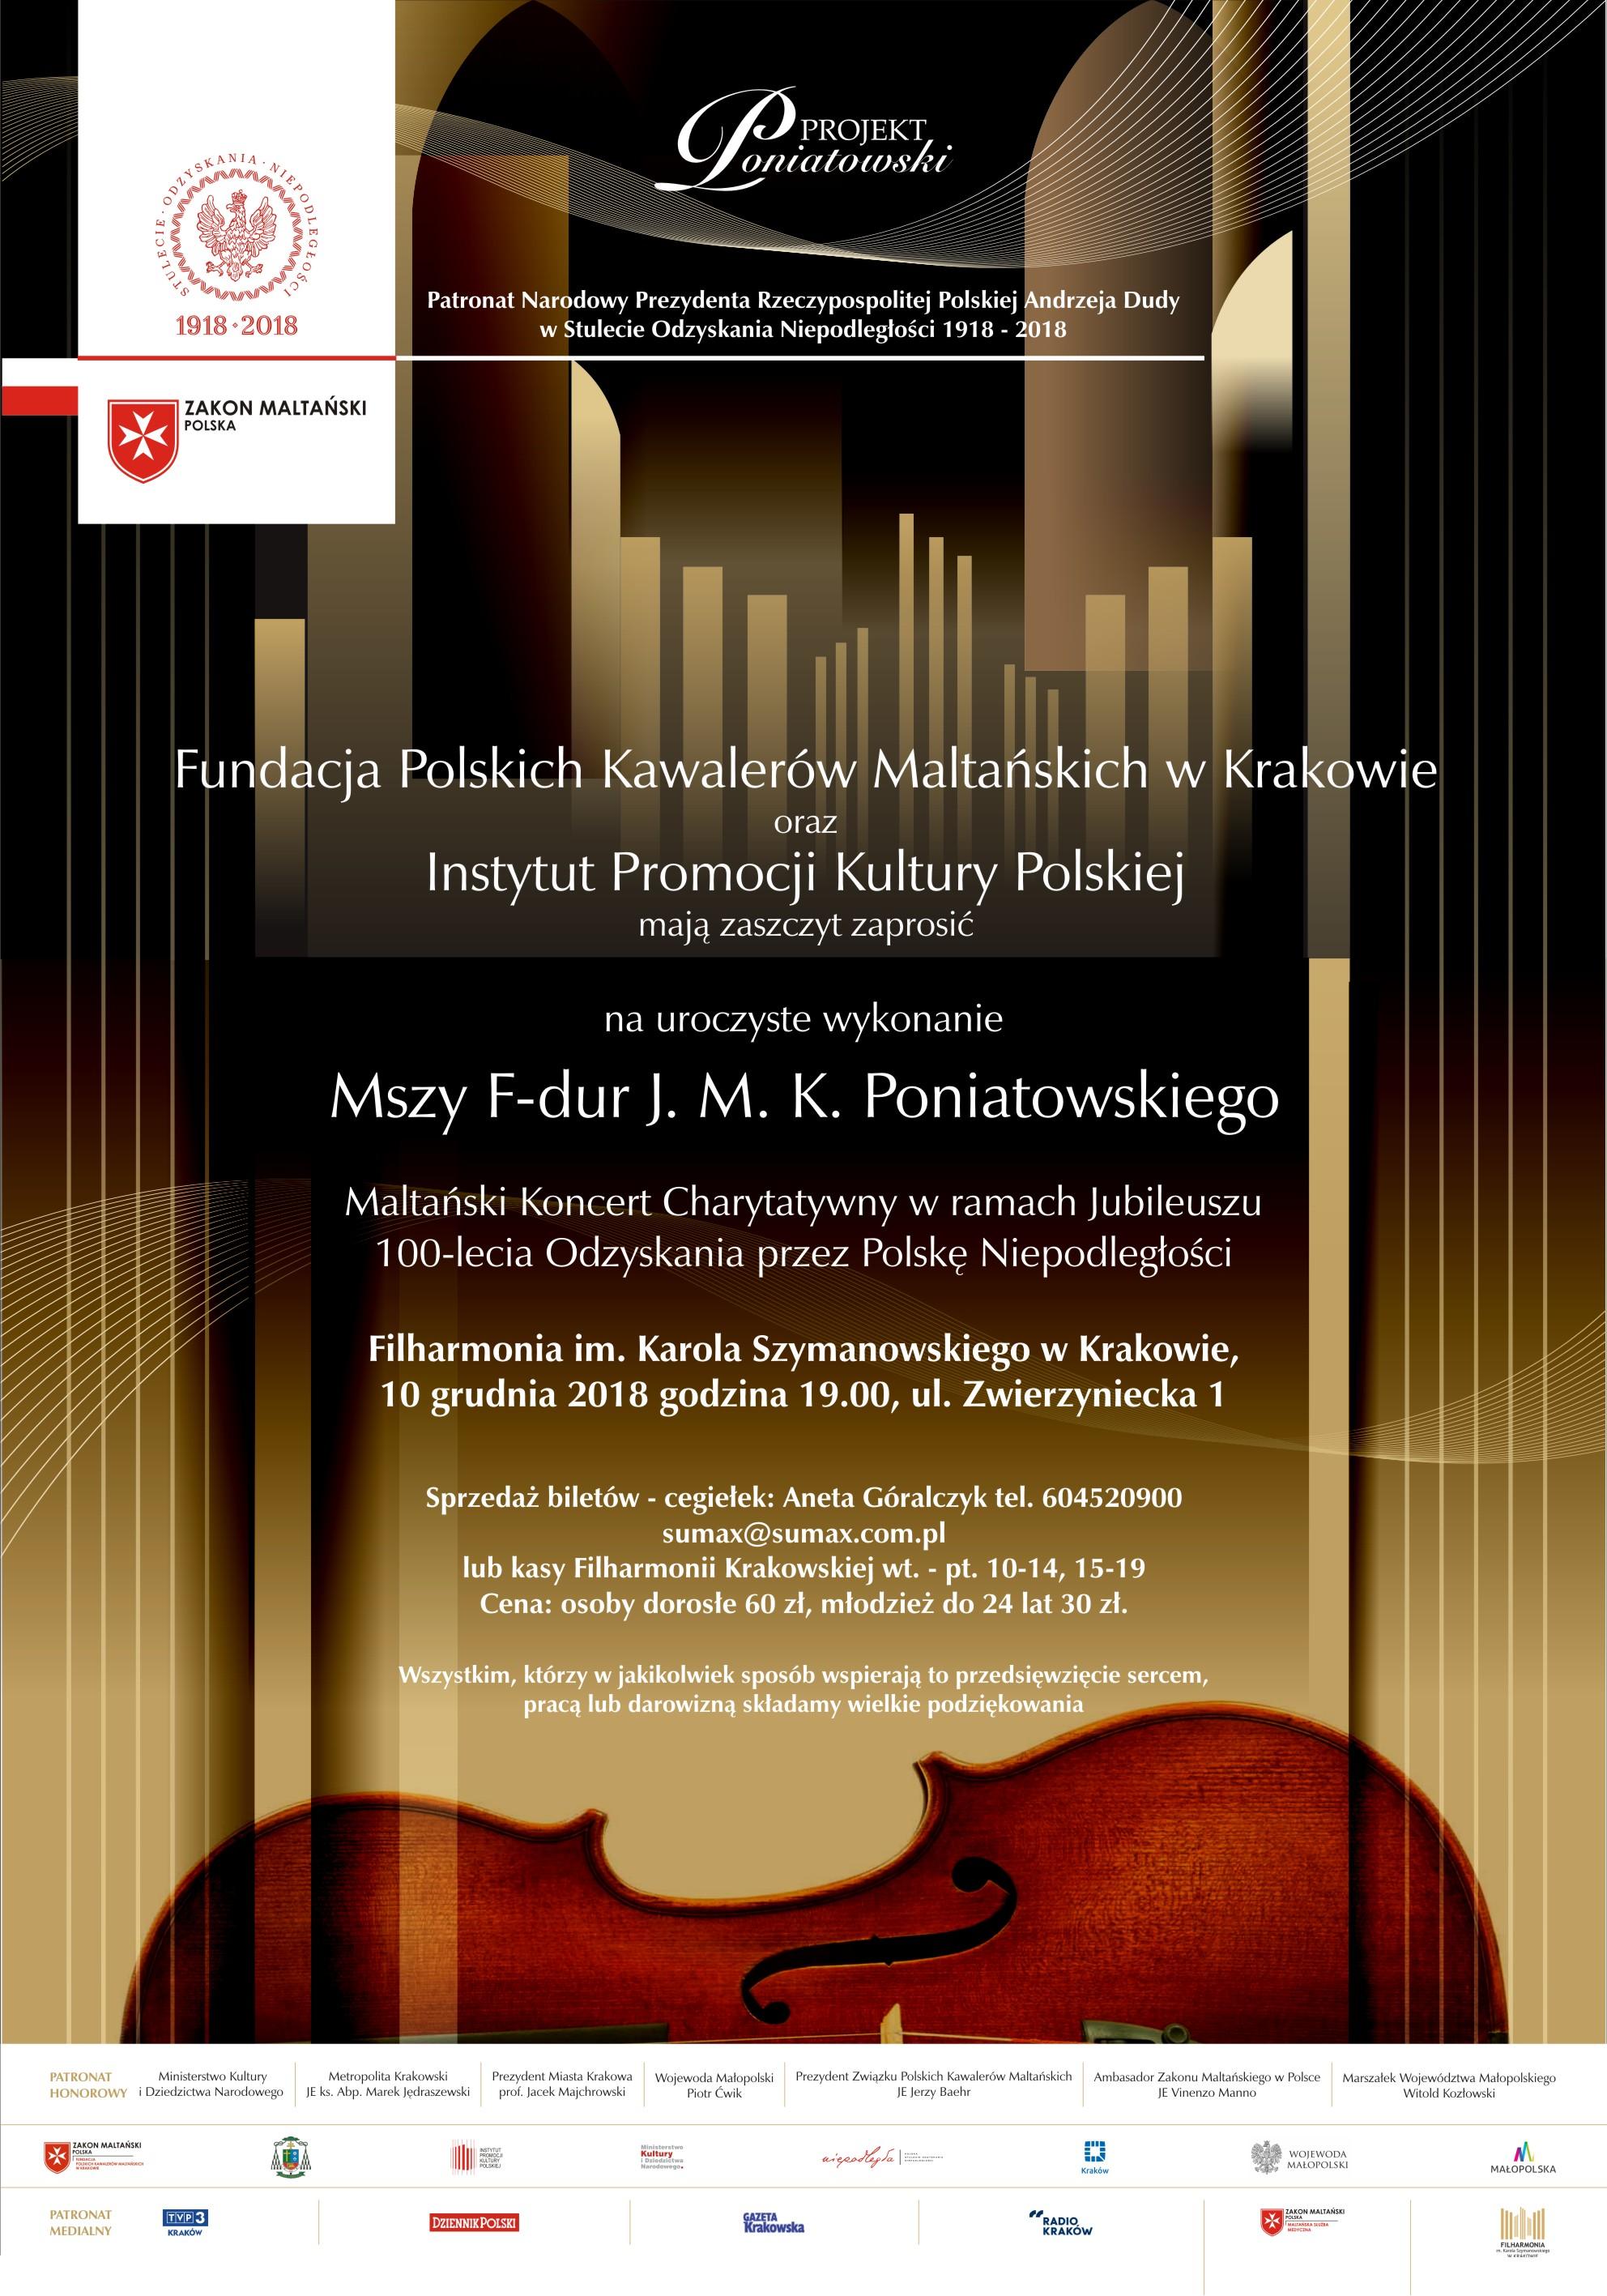 Maltański Koncert Charytatywnyw ramach jubileuszu 100-lecia odzyskania przez Polskę niepodległości